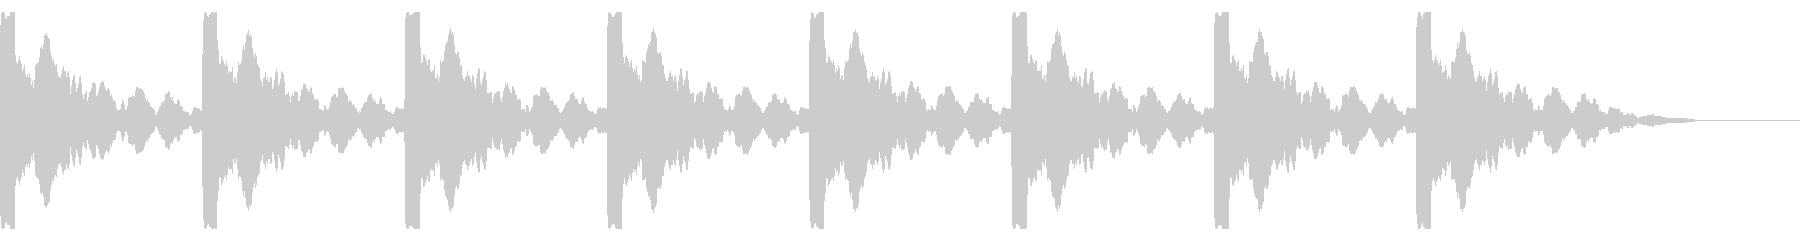 ソナー:残響ピンの未再生の波形